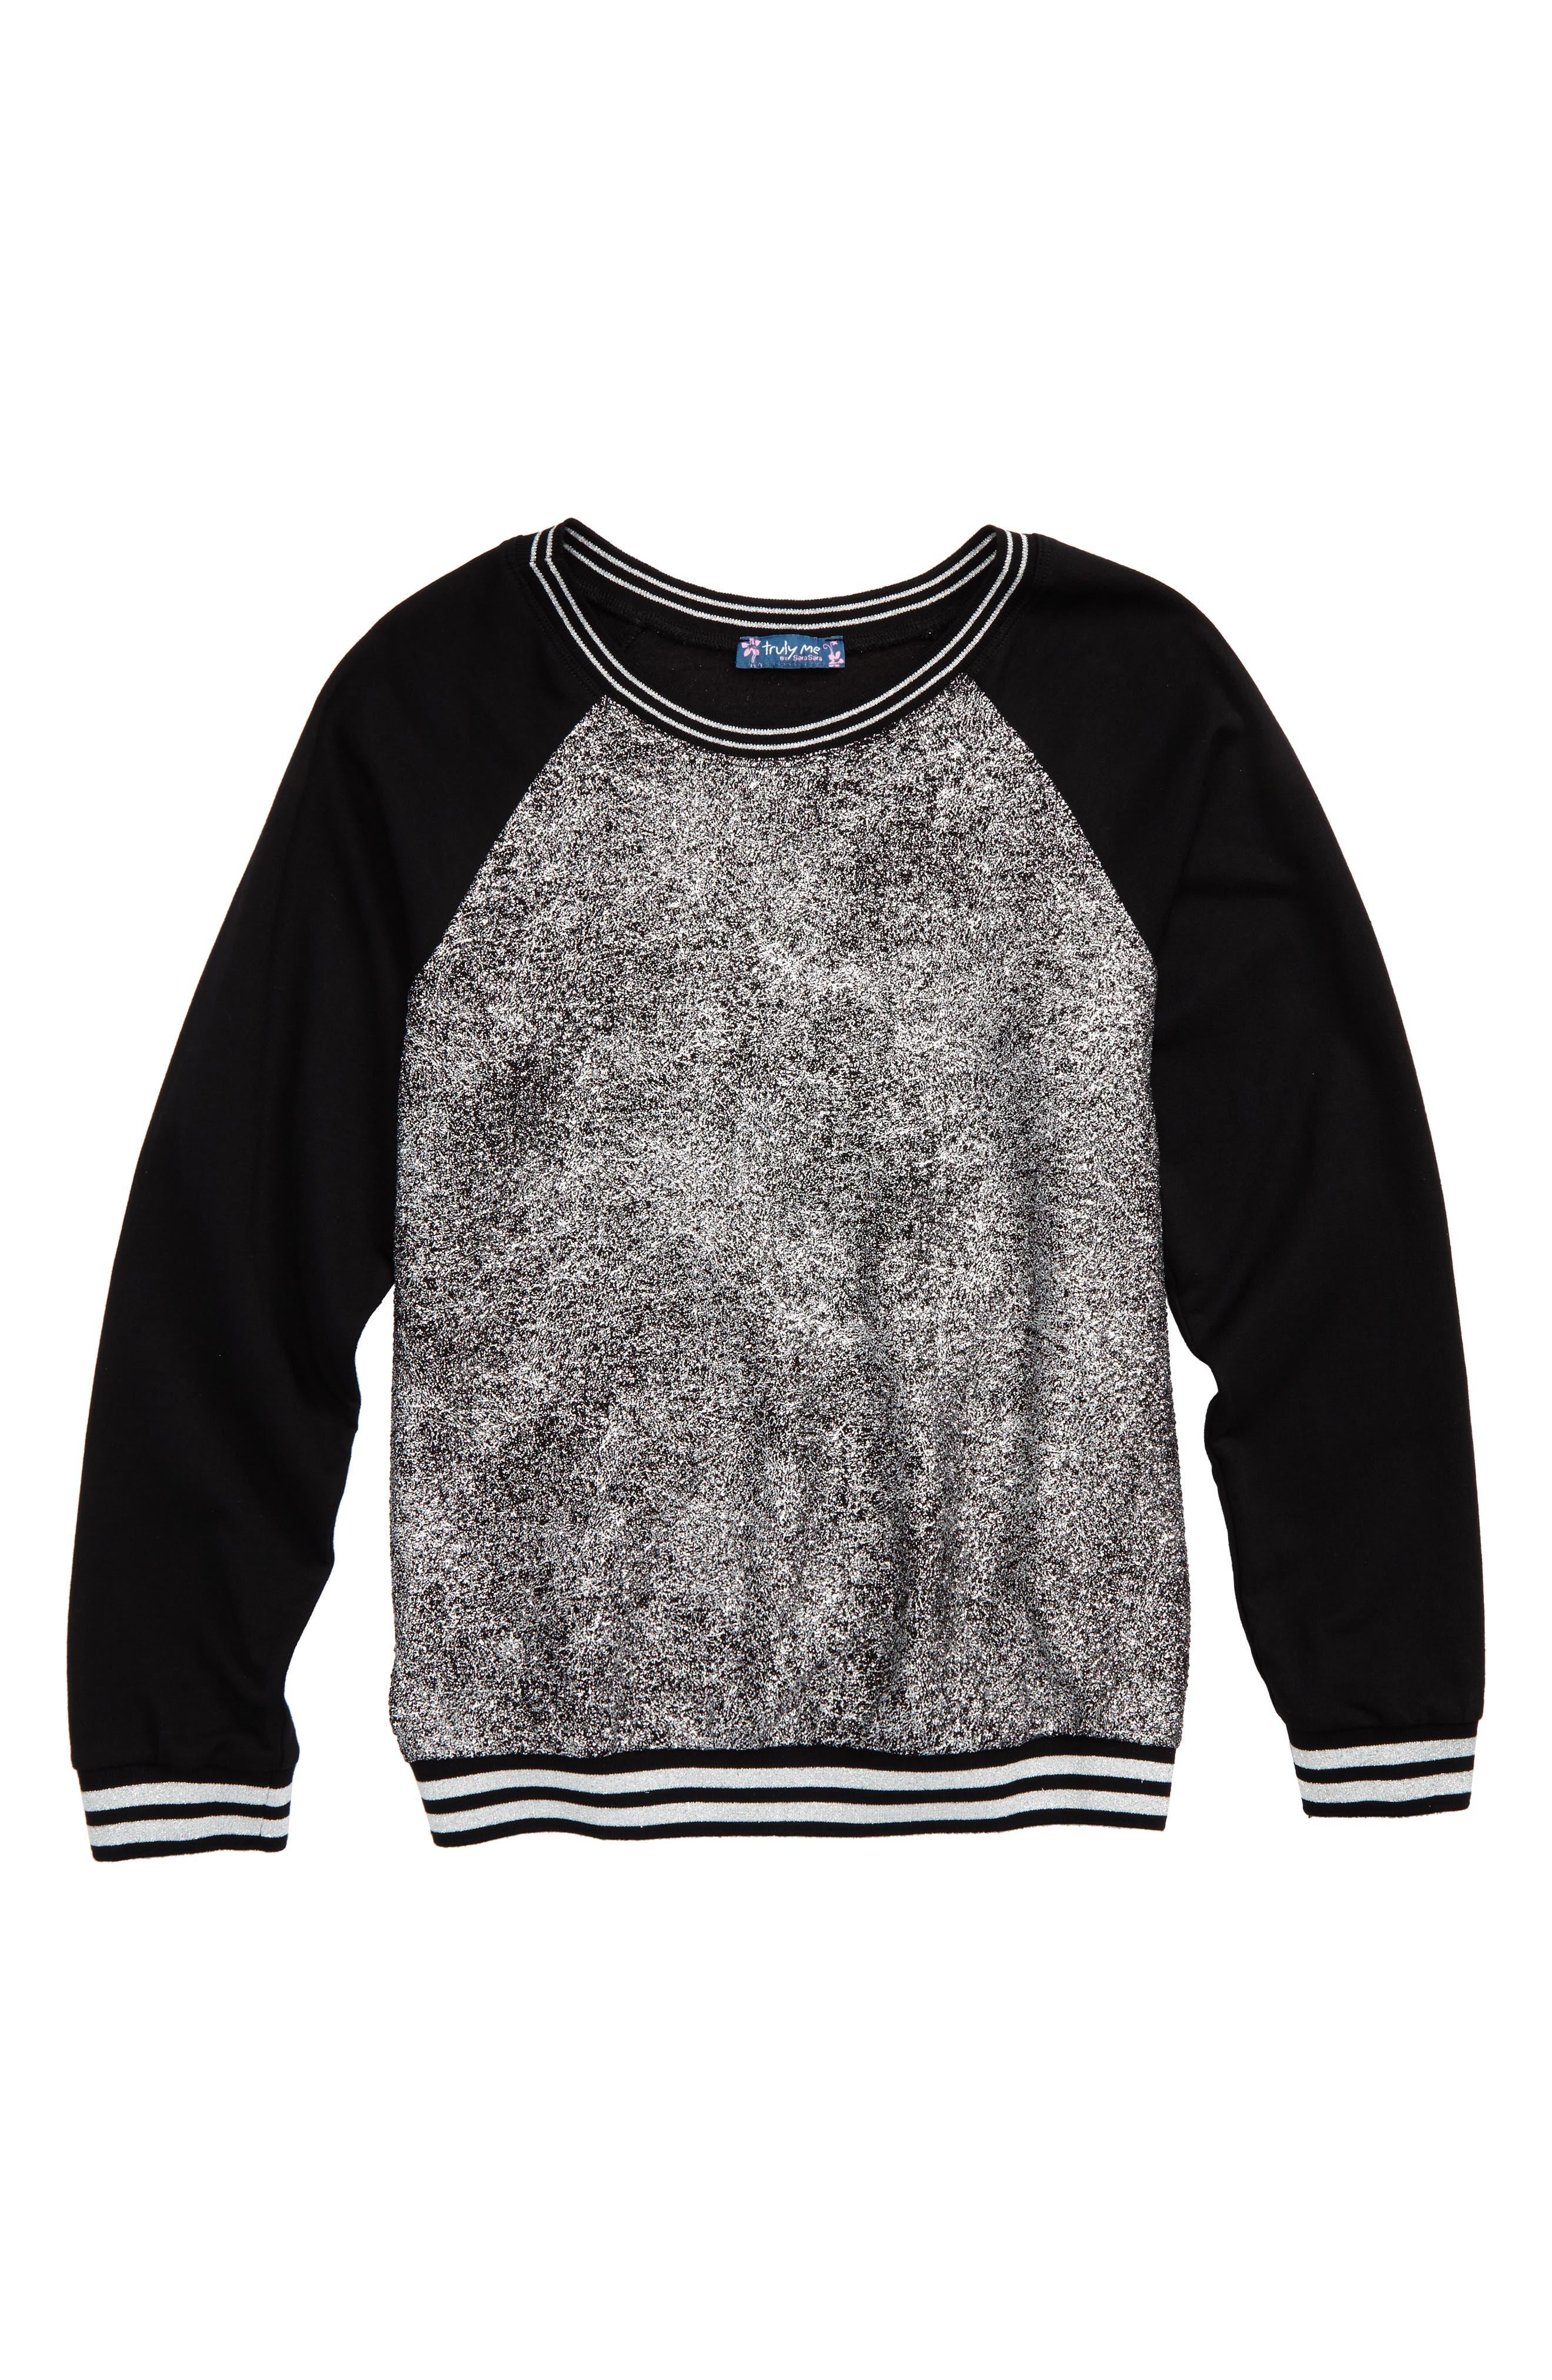 Main Image - Truly Me Metallic Sweatshirt (Big Girls)